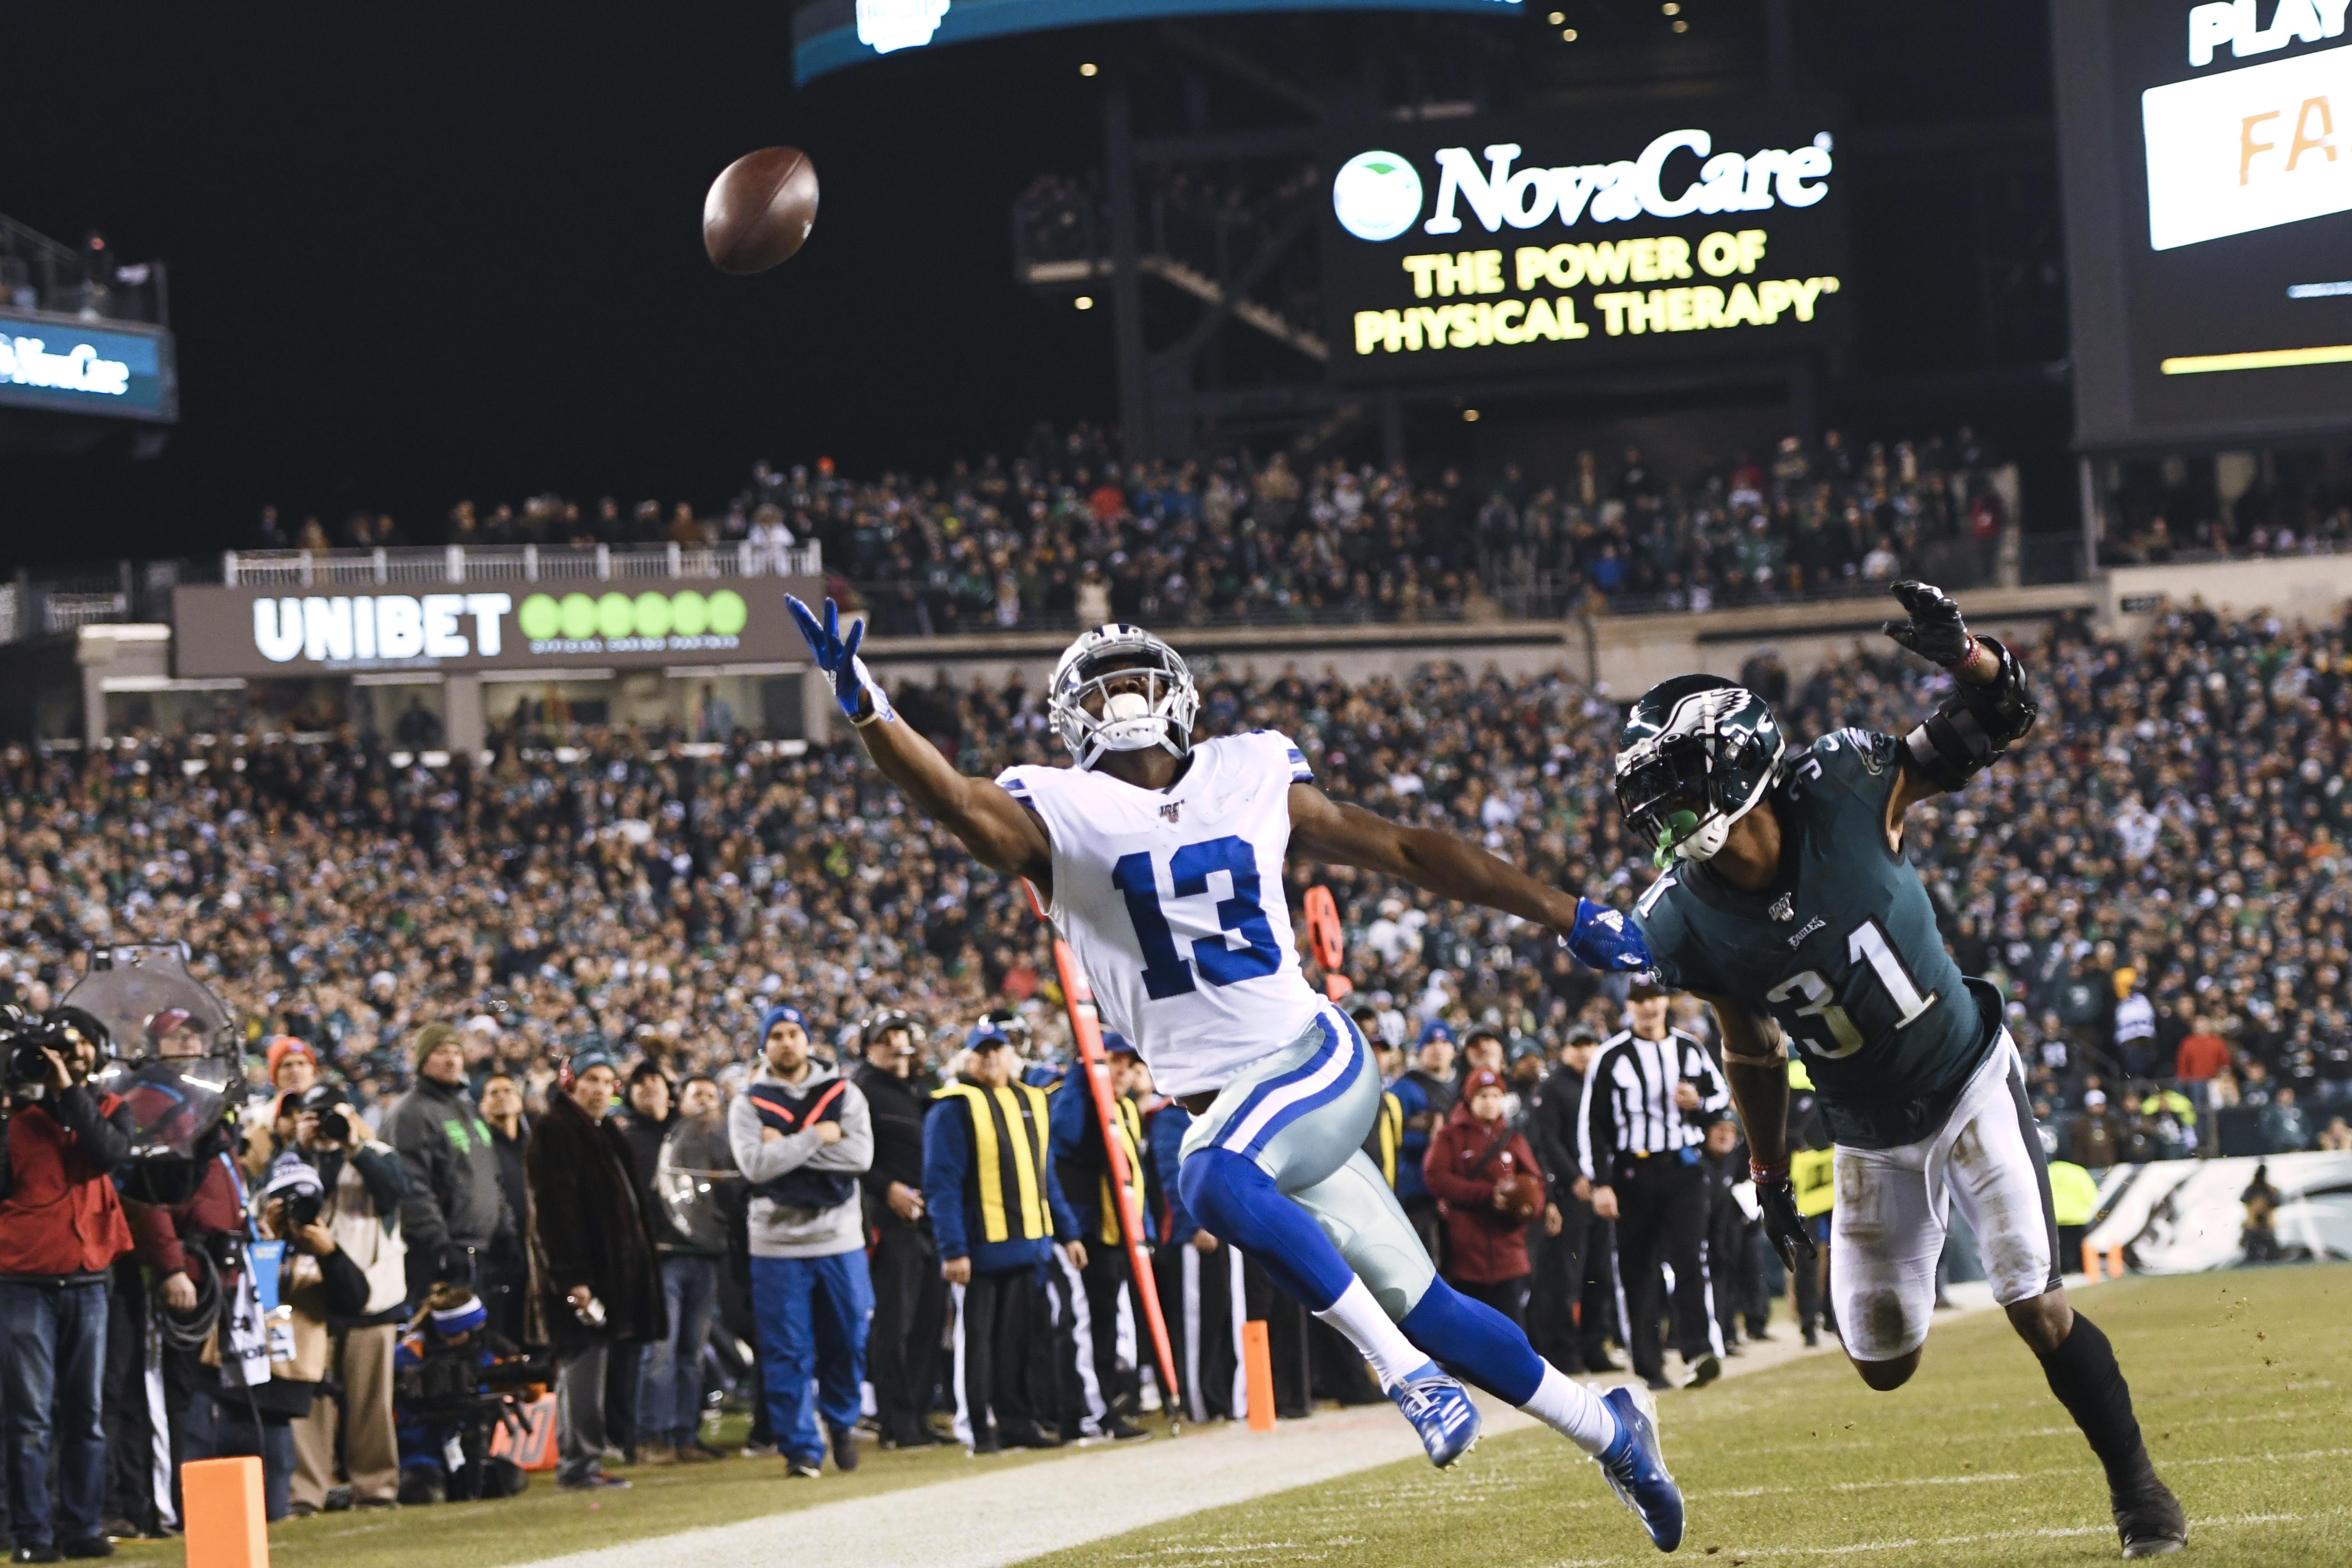 NFL: DEC 22 Cowboys at Eagles